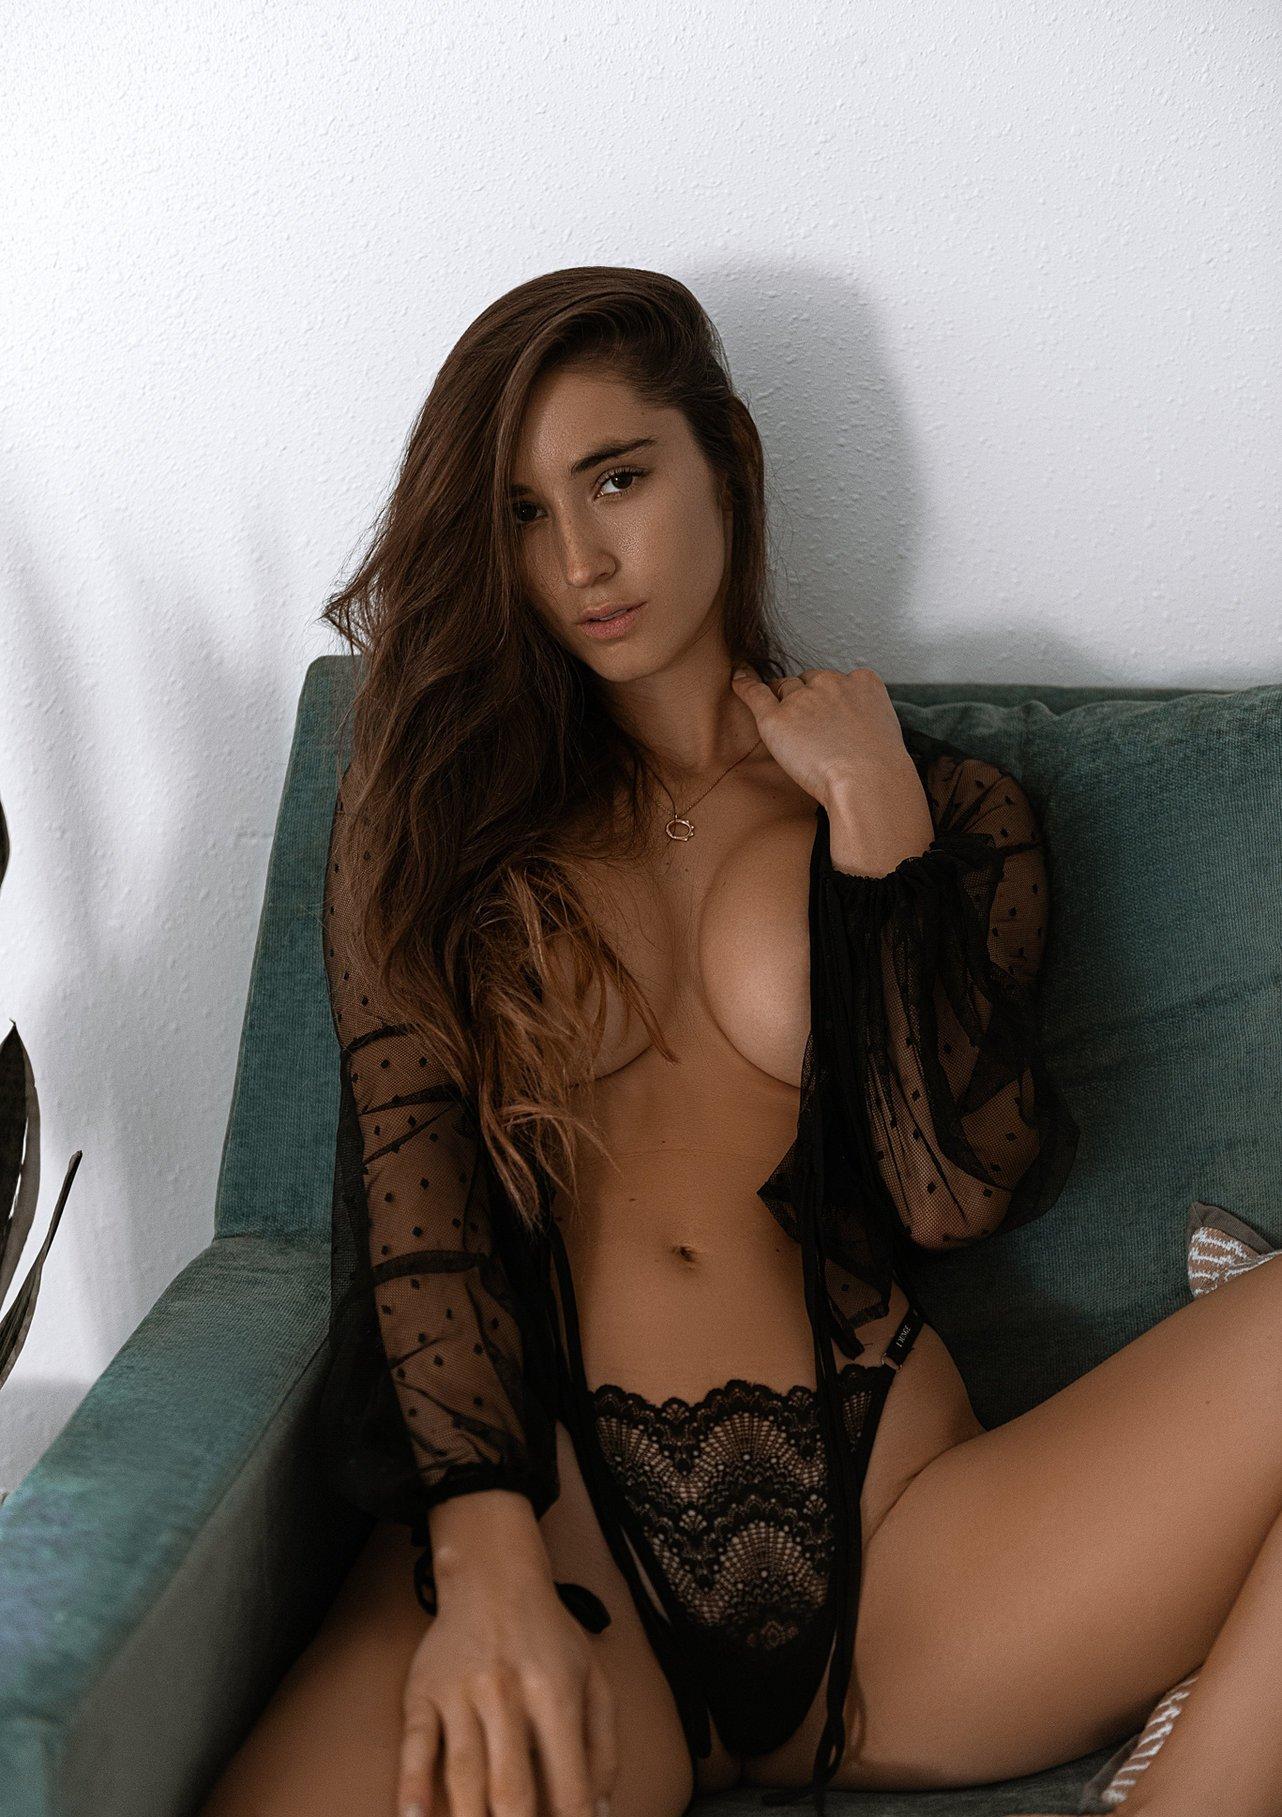 Natalie Roush Natalieroush Patreon Nude Leaks 0003